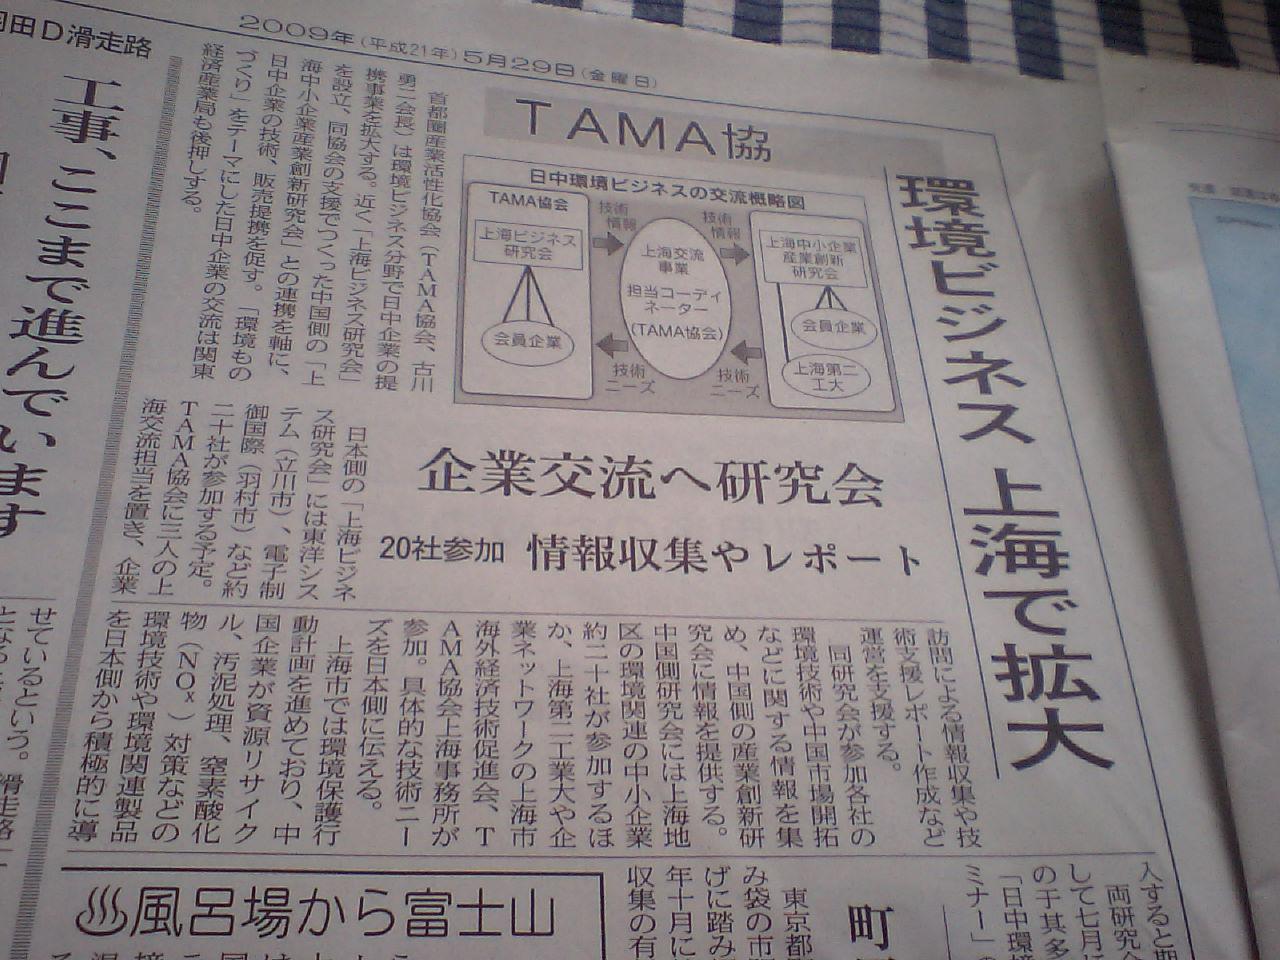 日経5月29日朝刊より_d0027795_8453855.jpg